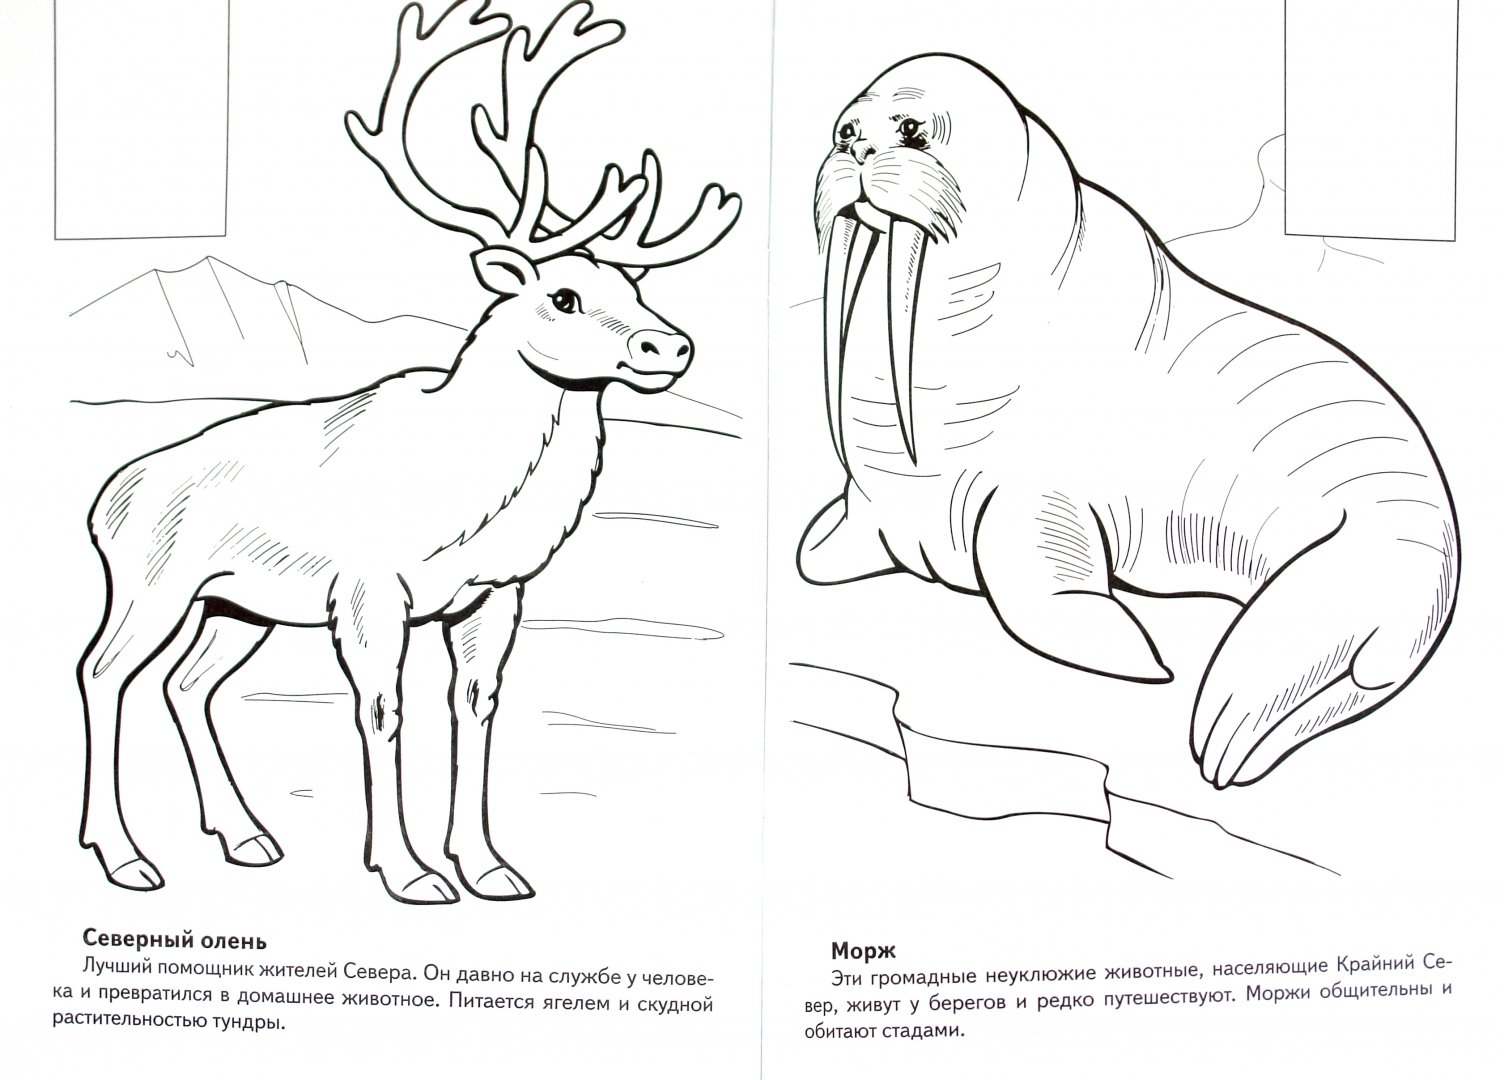 Рисунки животных которые занесены в красную книгу россии кристаллы